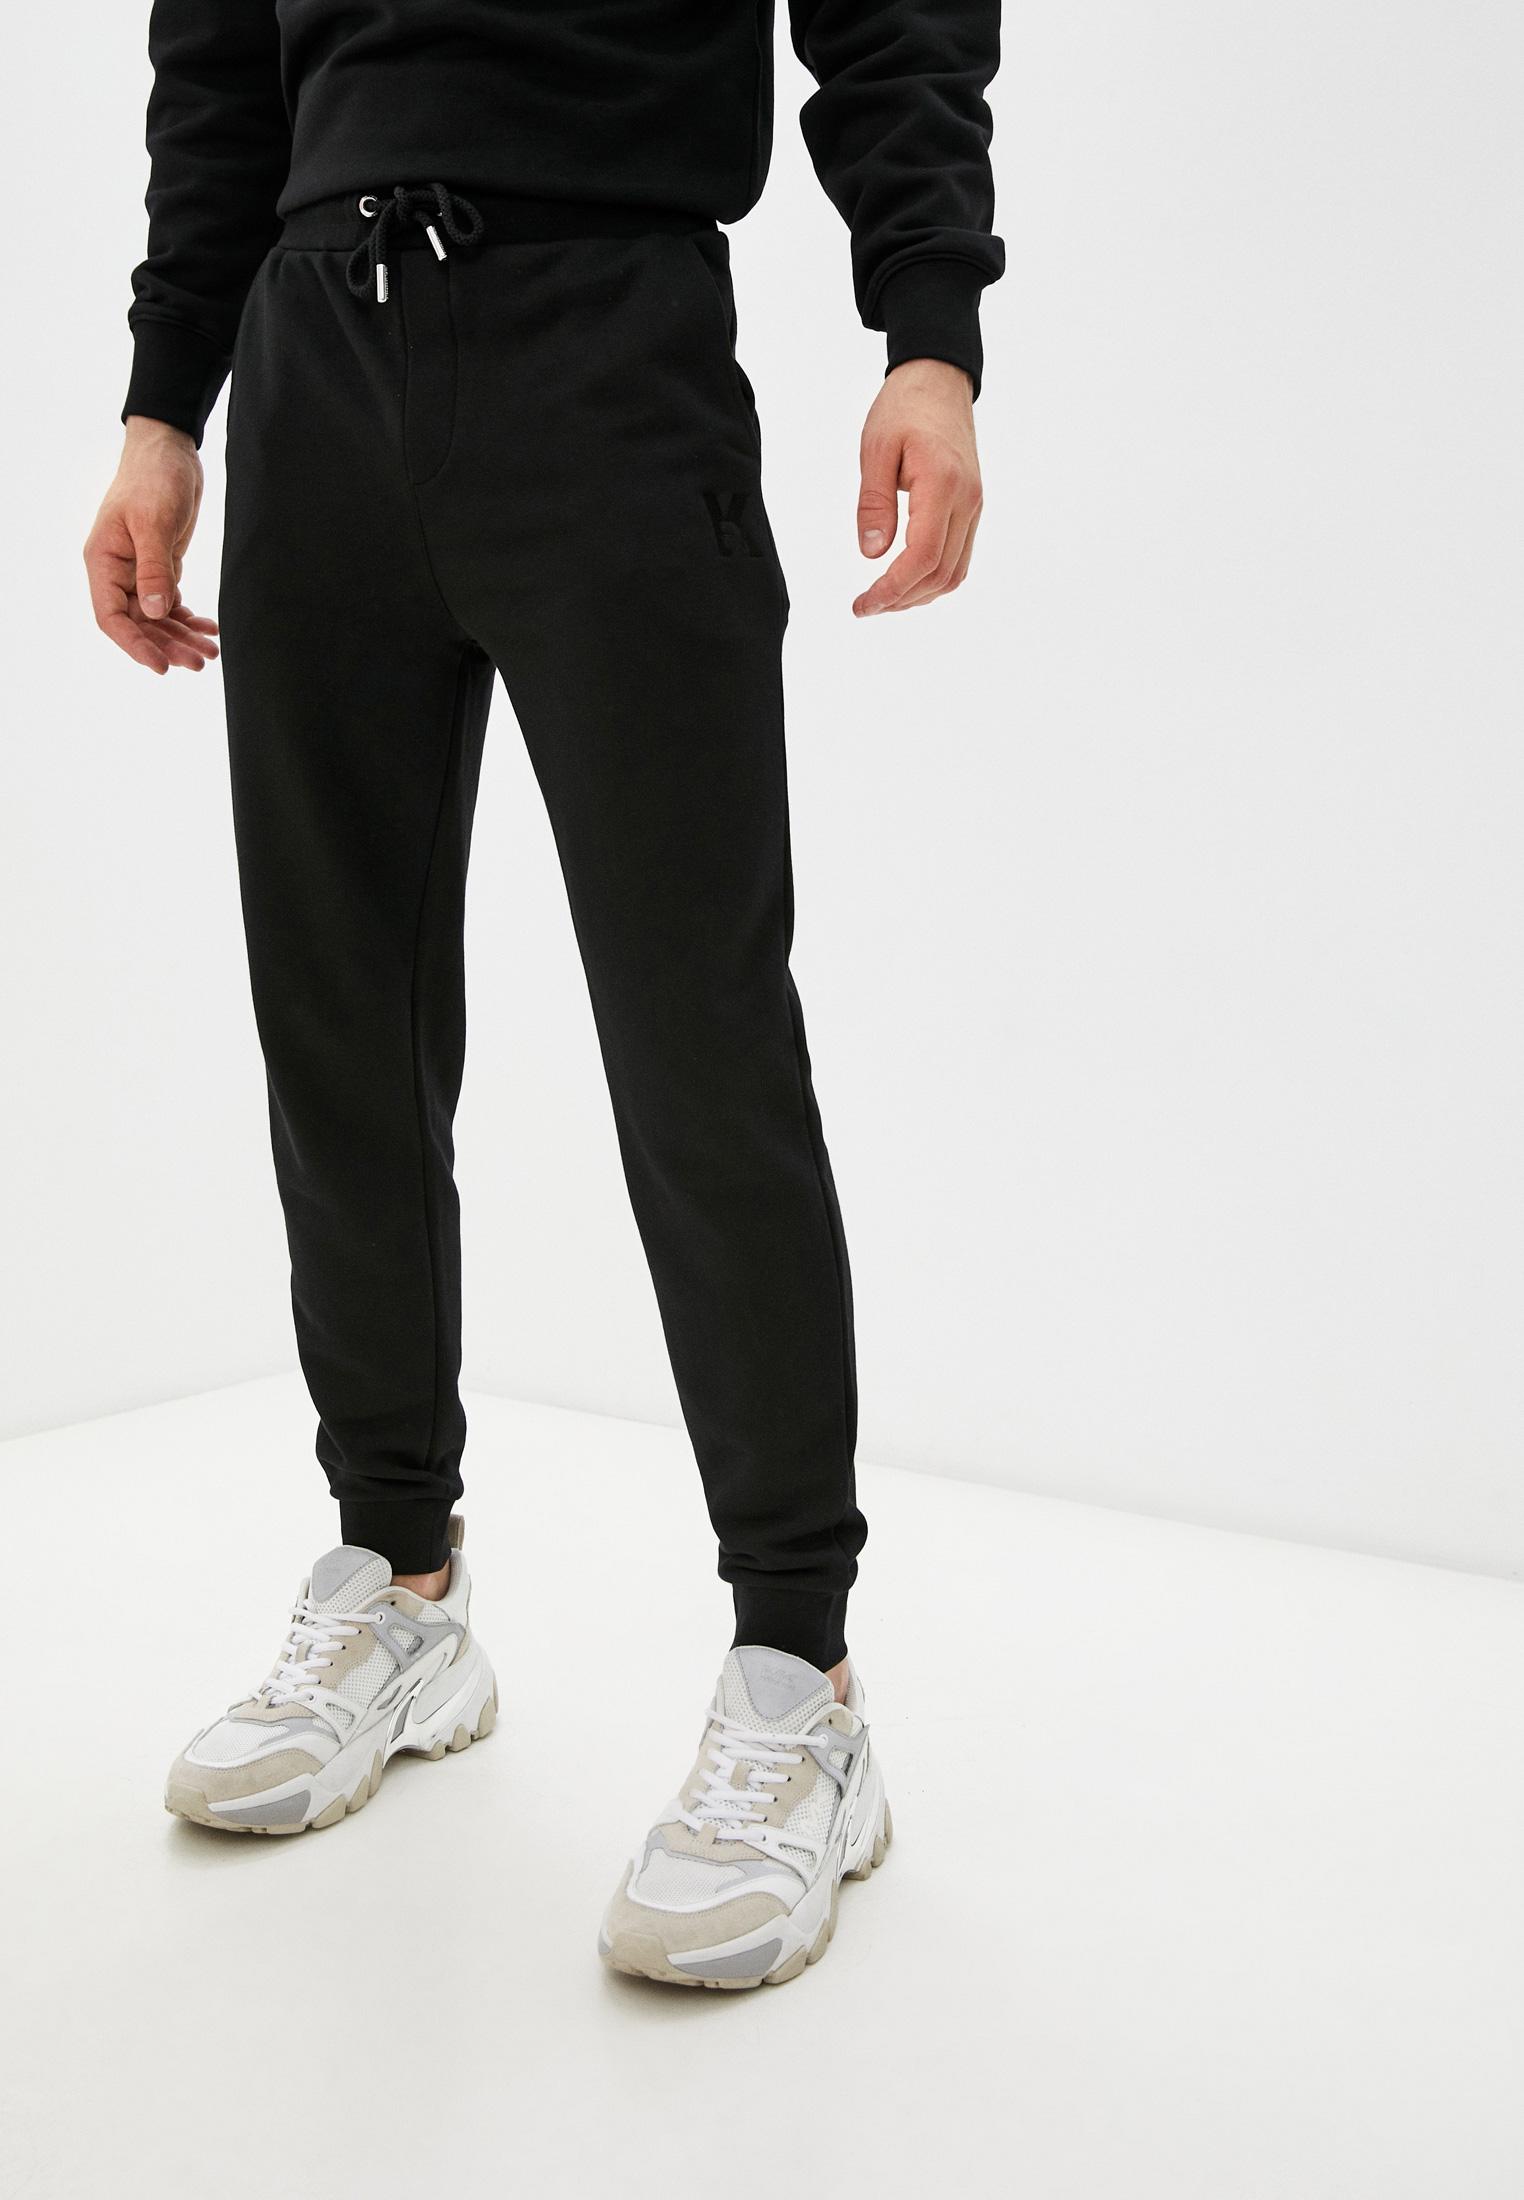 Мужские спортивные брюки Karl Lagerfeld 500900-705893